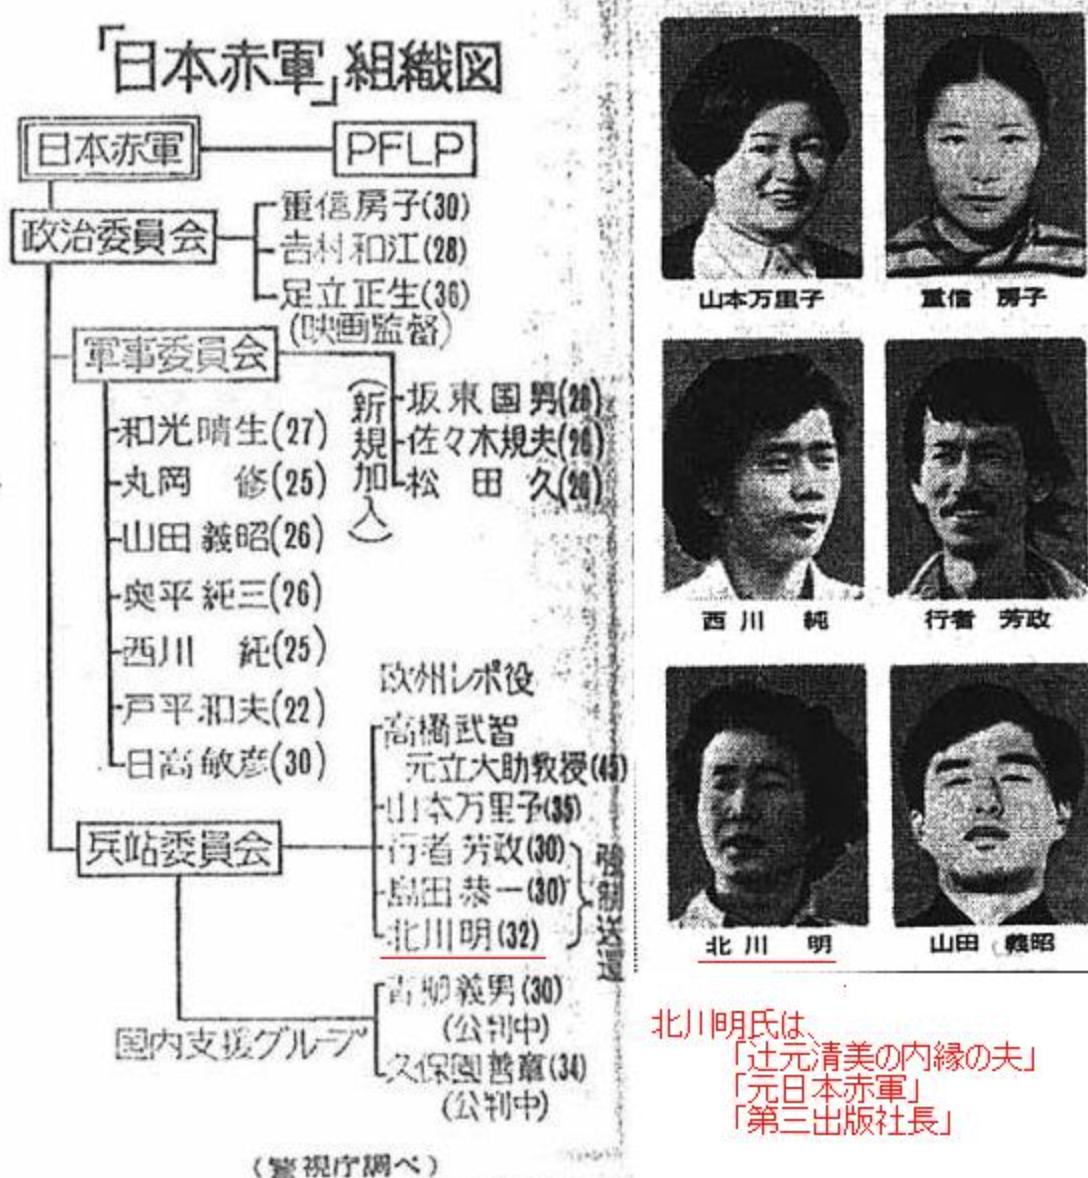 赤軍組織図